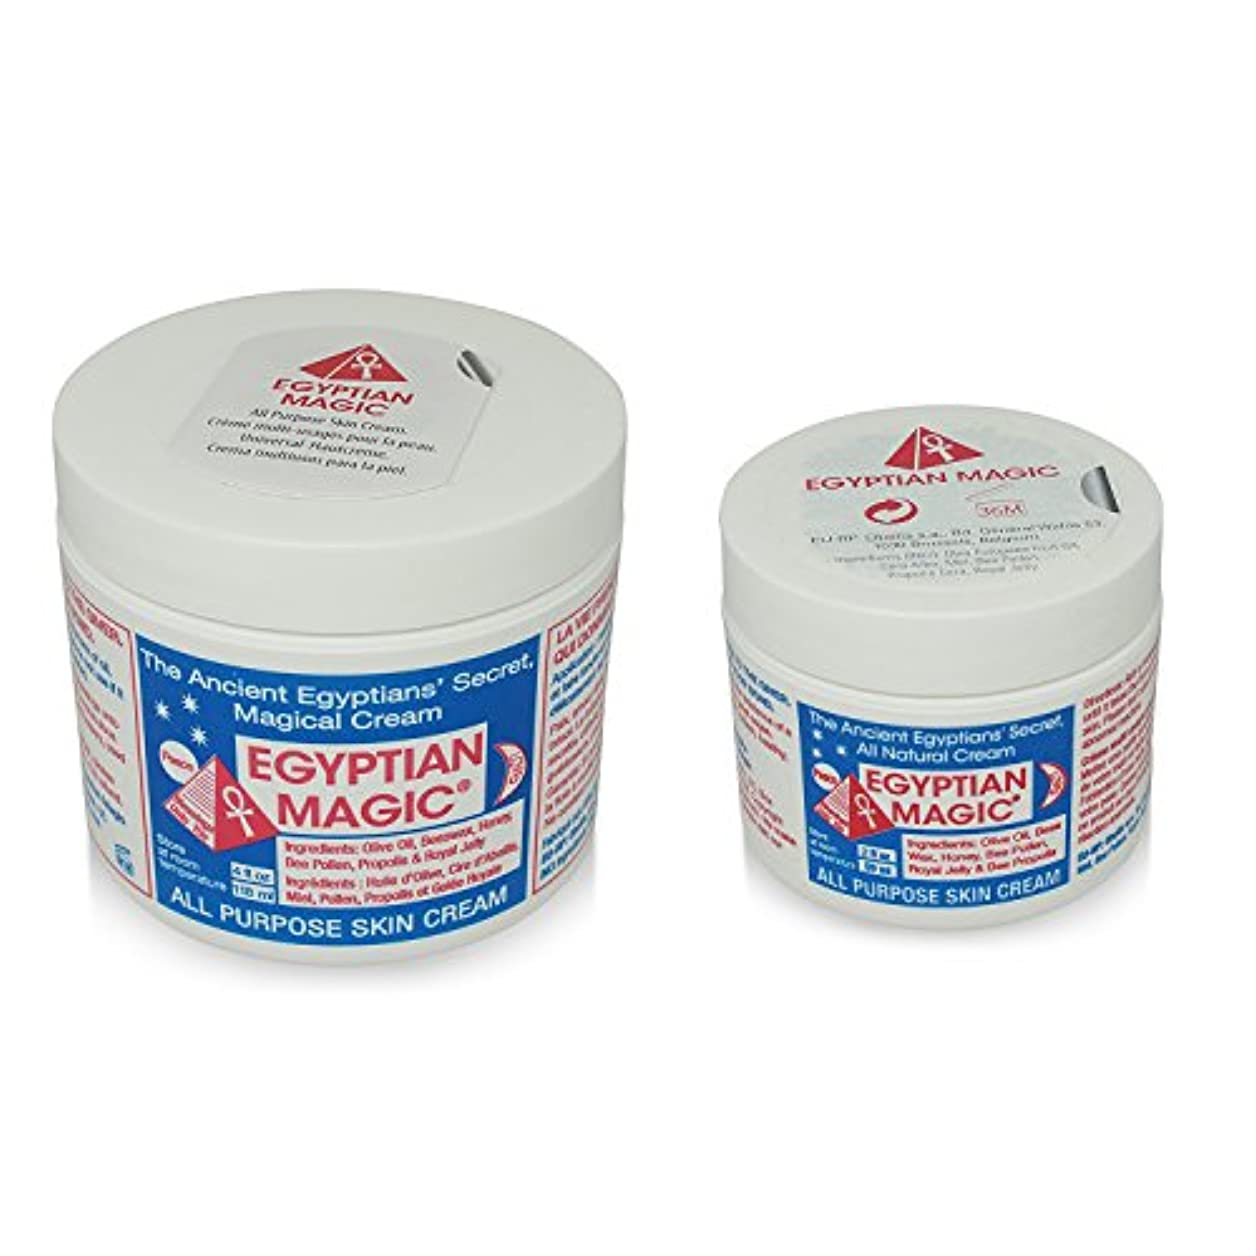 ハーネス分配します調和Egyptian Magic Skin Cream エジプシャンマジッククリーム  (118ml)と(59ml)の2個セット